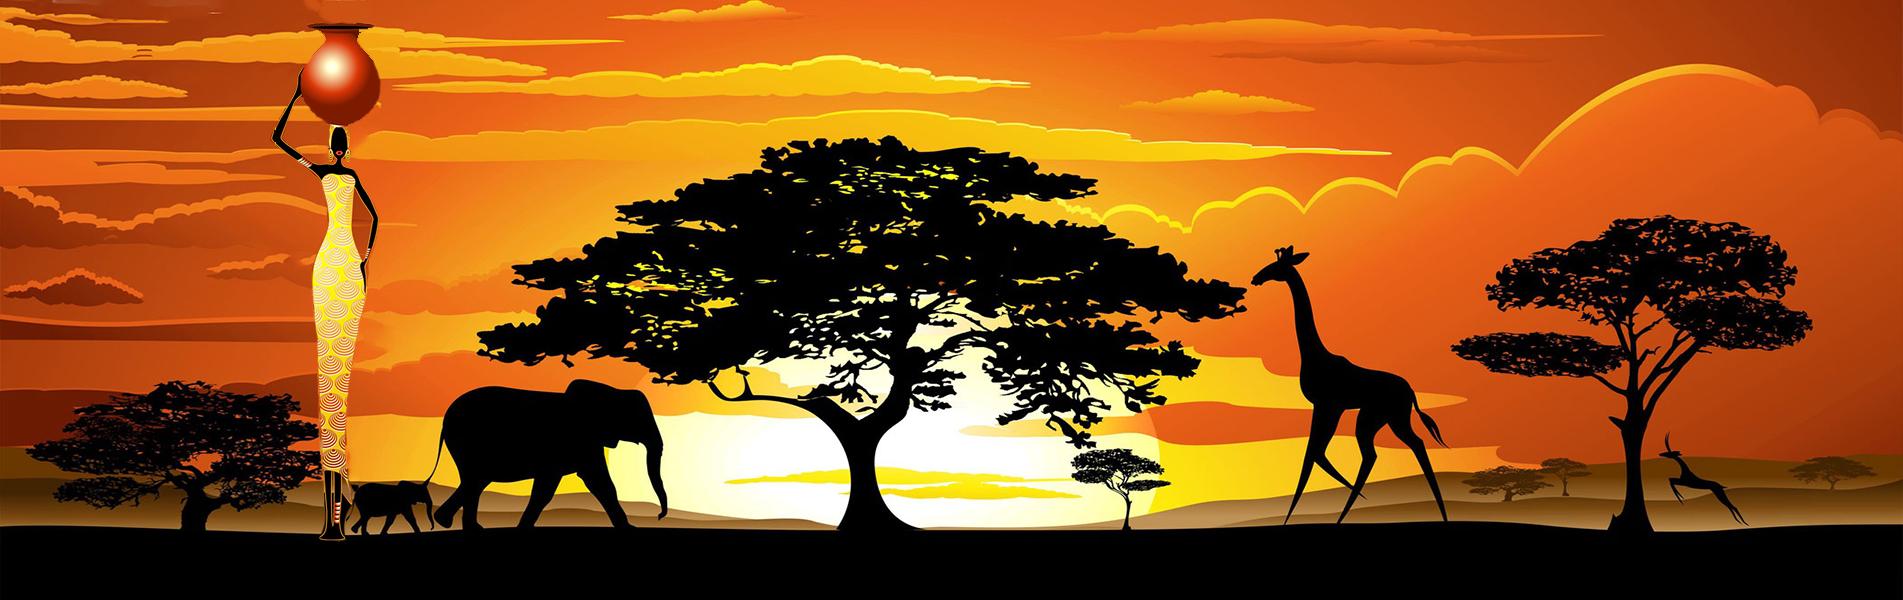 Amour rencontres afrique